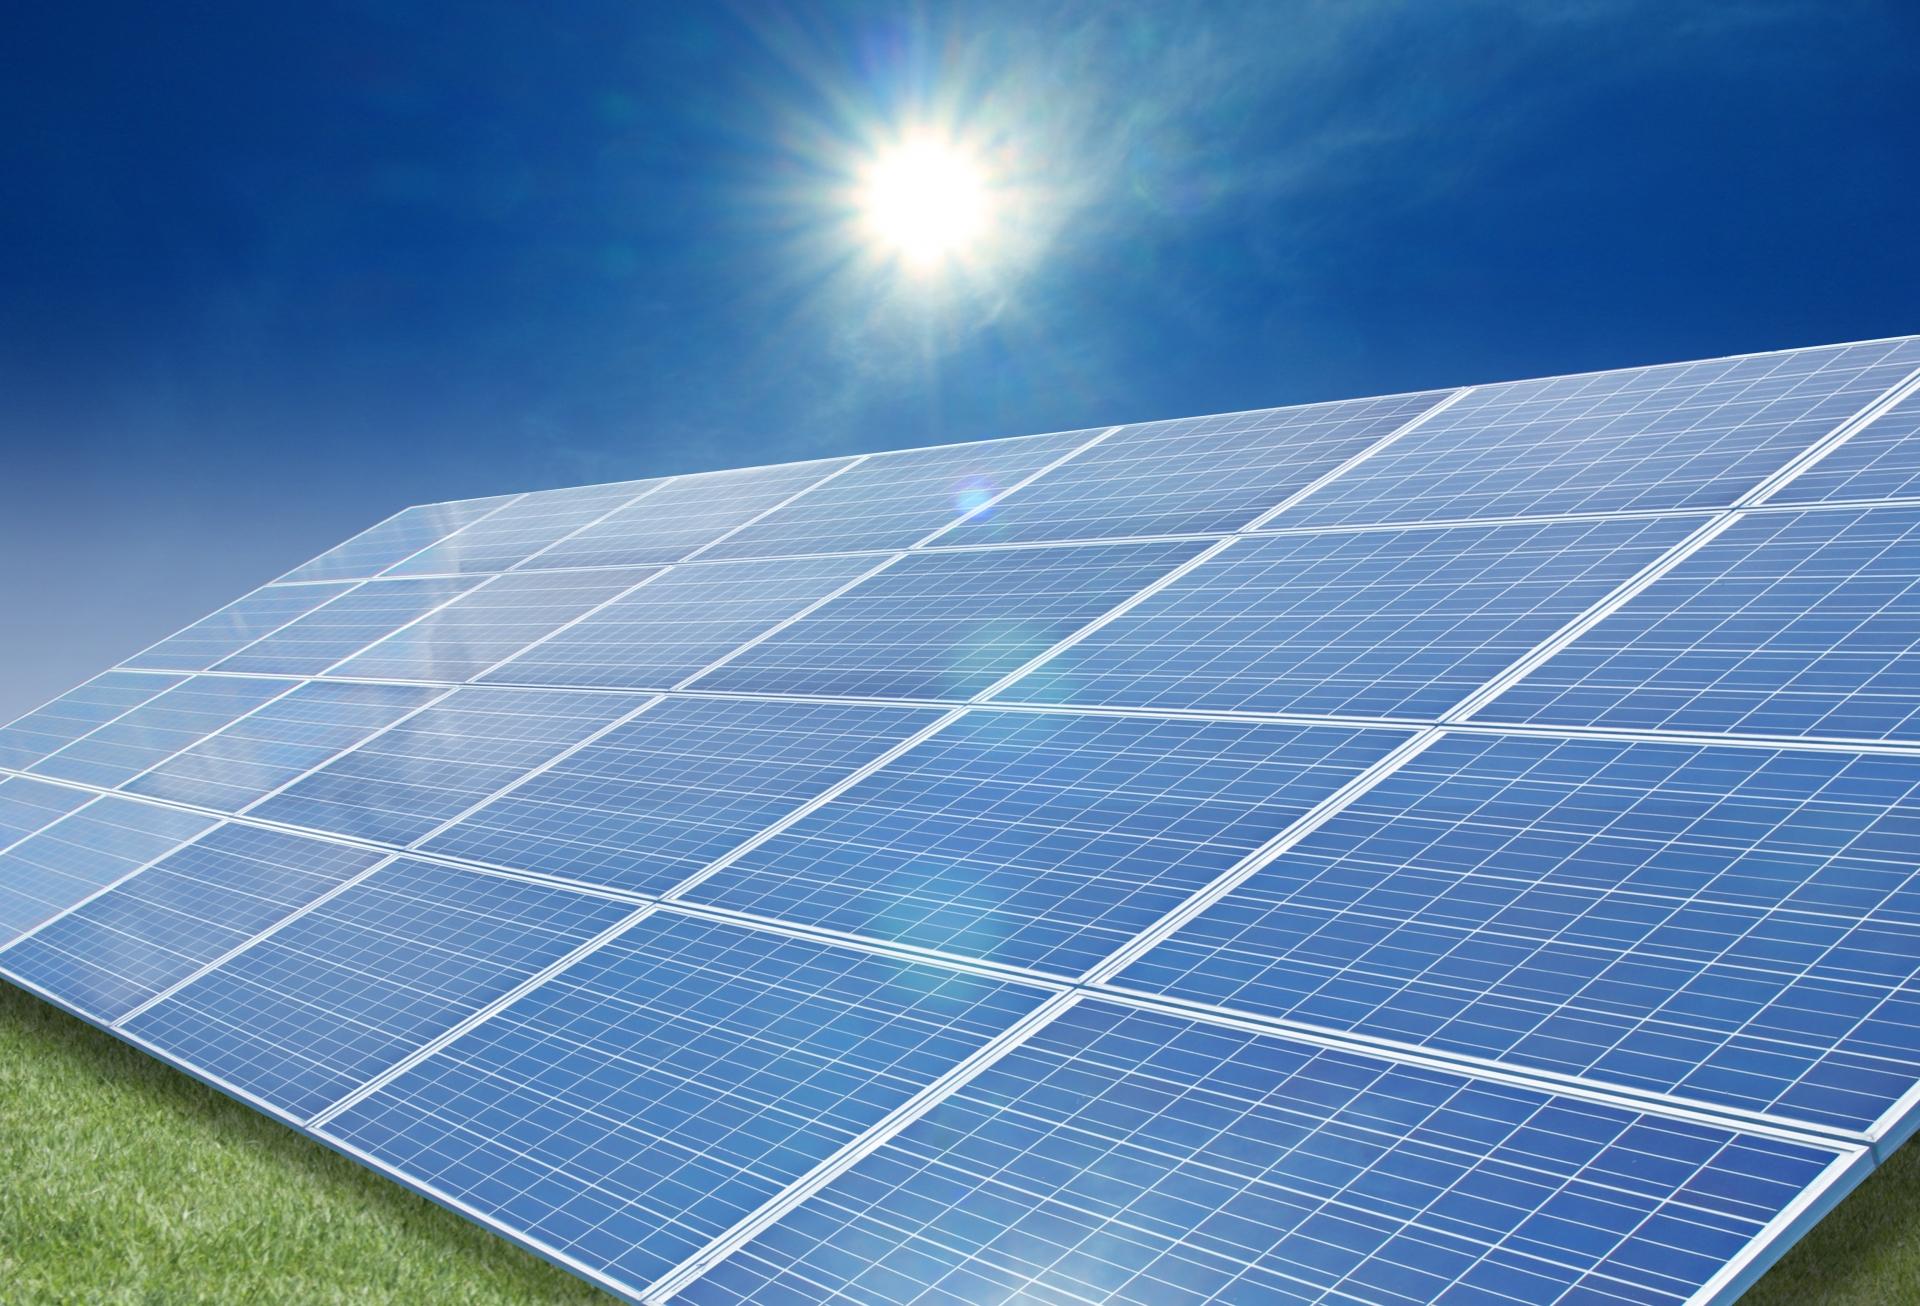 【岡山2】土地付太陽光発電の投資物件詳細